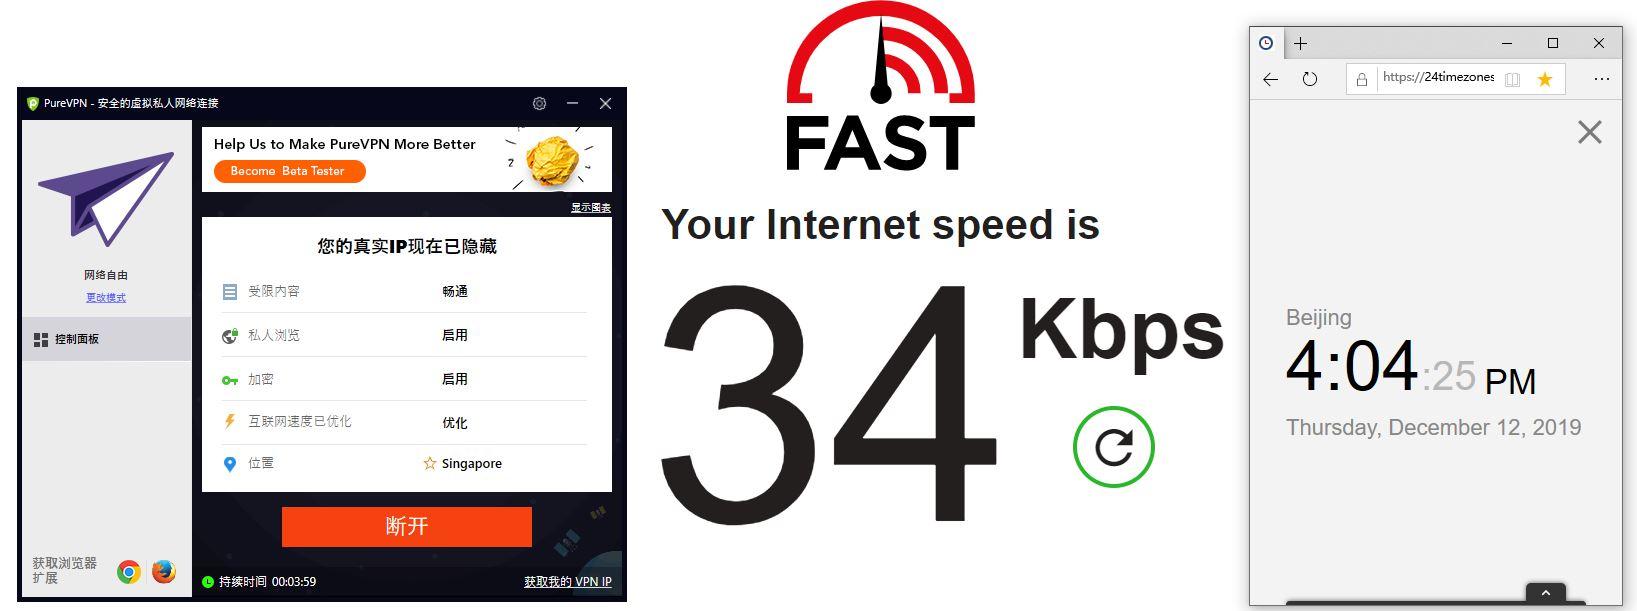 Windows PureVPN singapore 中国VPN翻墙 科学上网 SpeedTest 测速 - 20191212